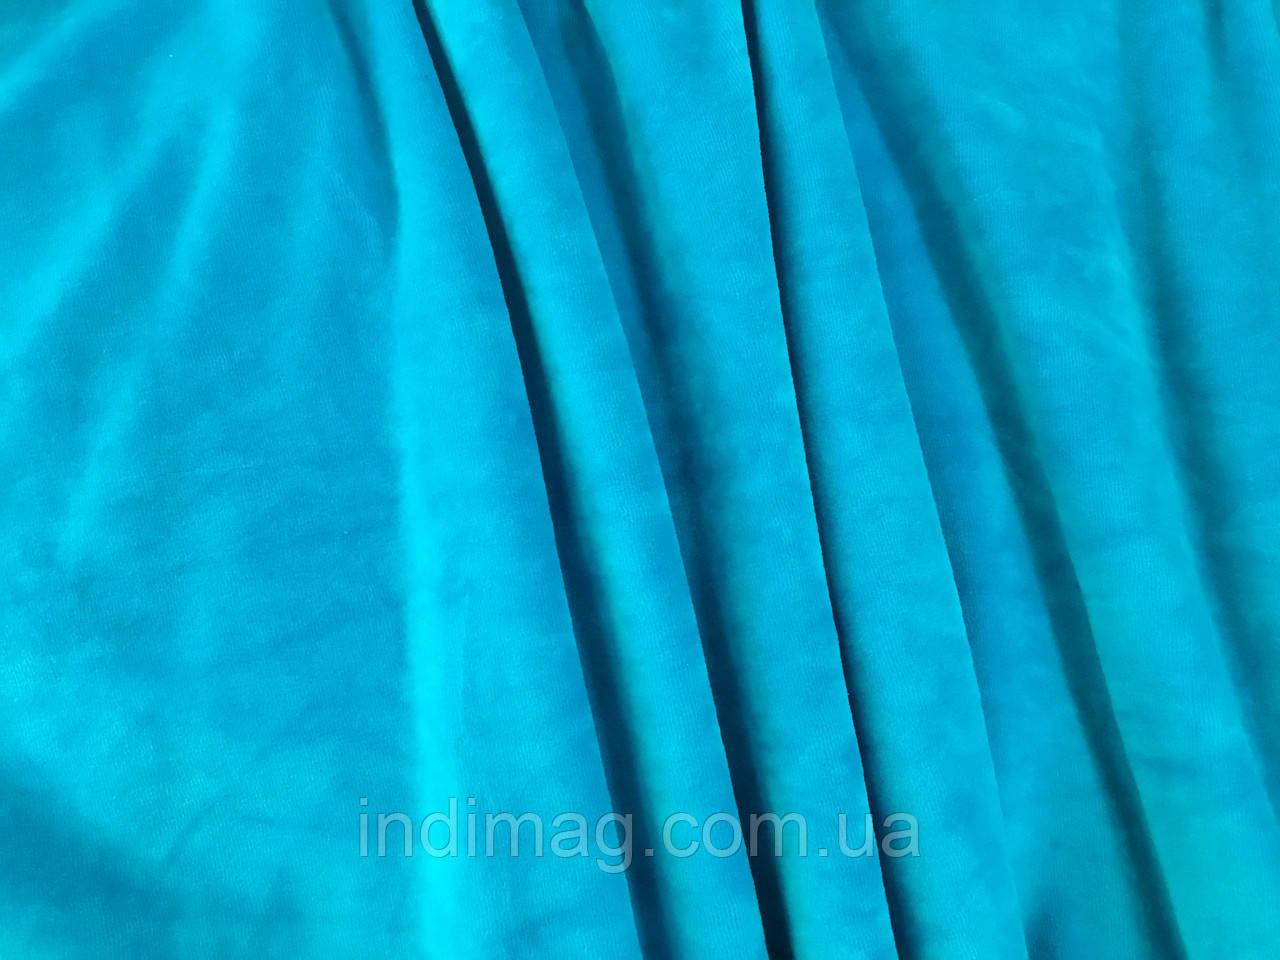 Велюр хлопок  5 метров бирюза голубая 10  метров